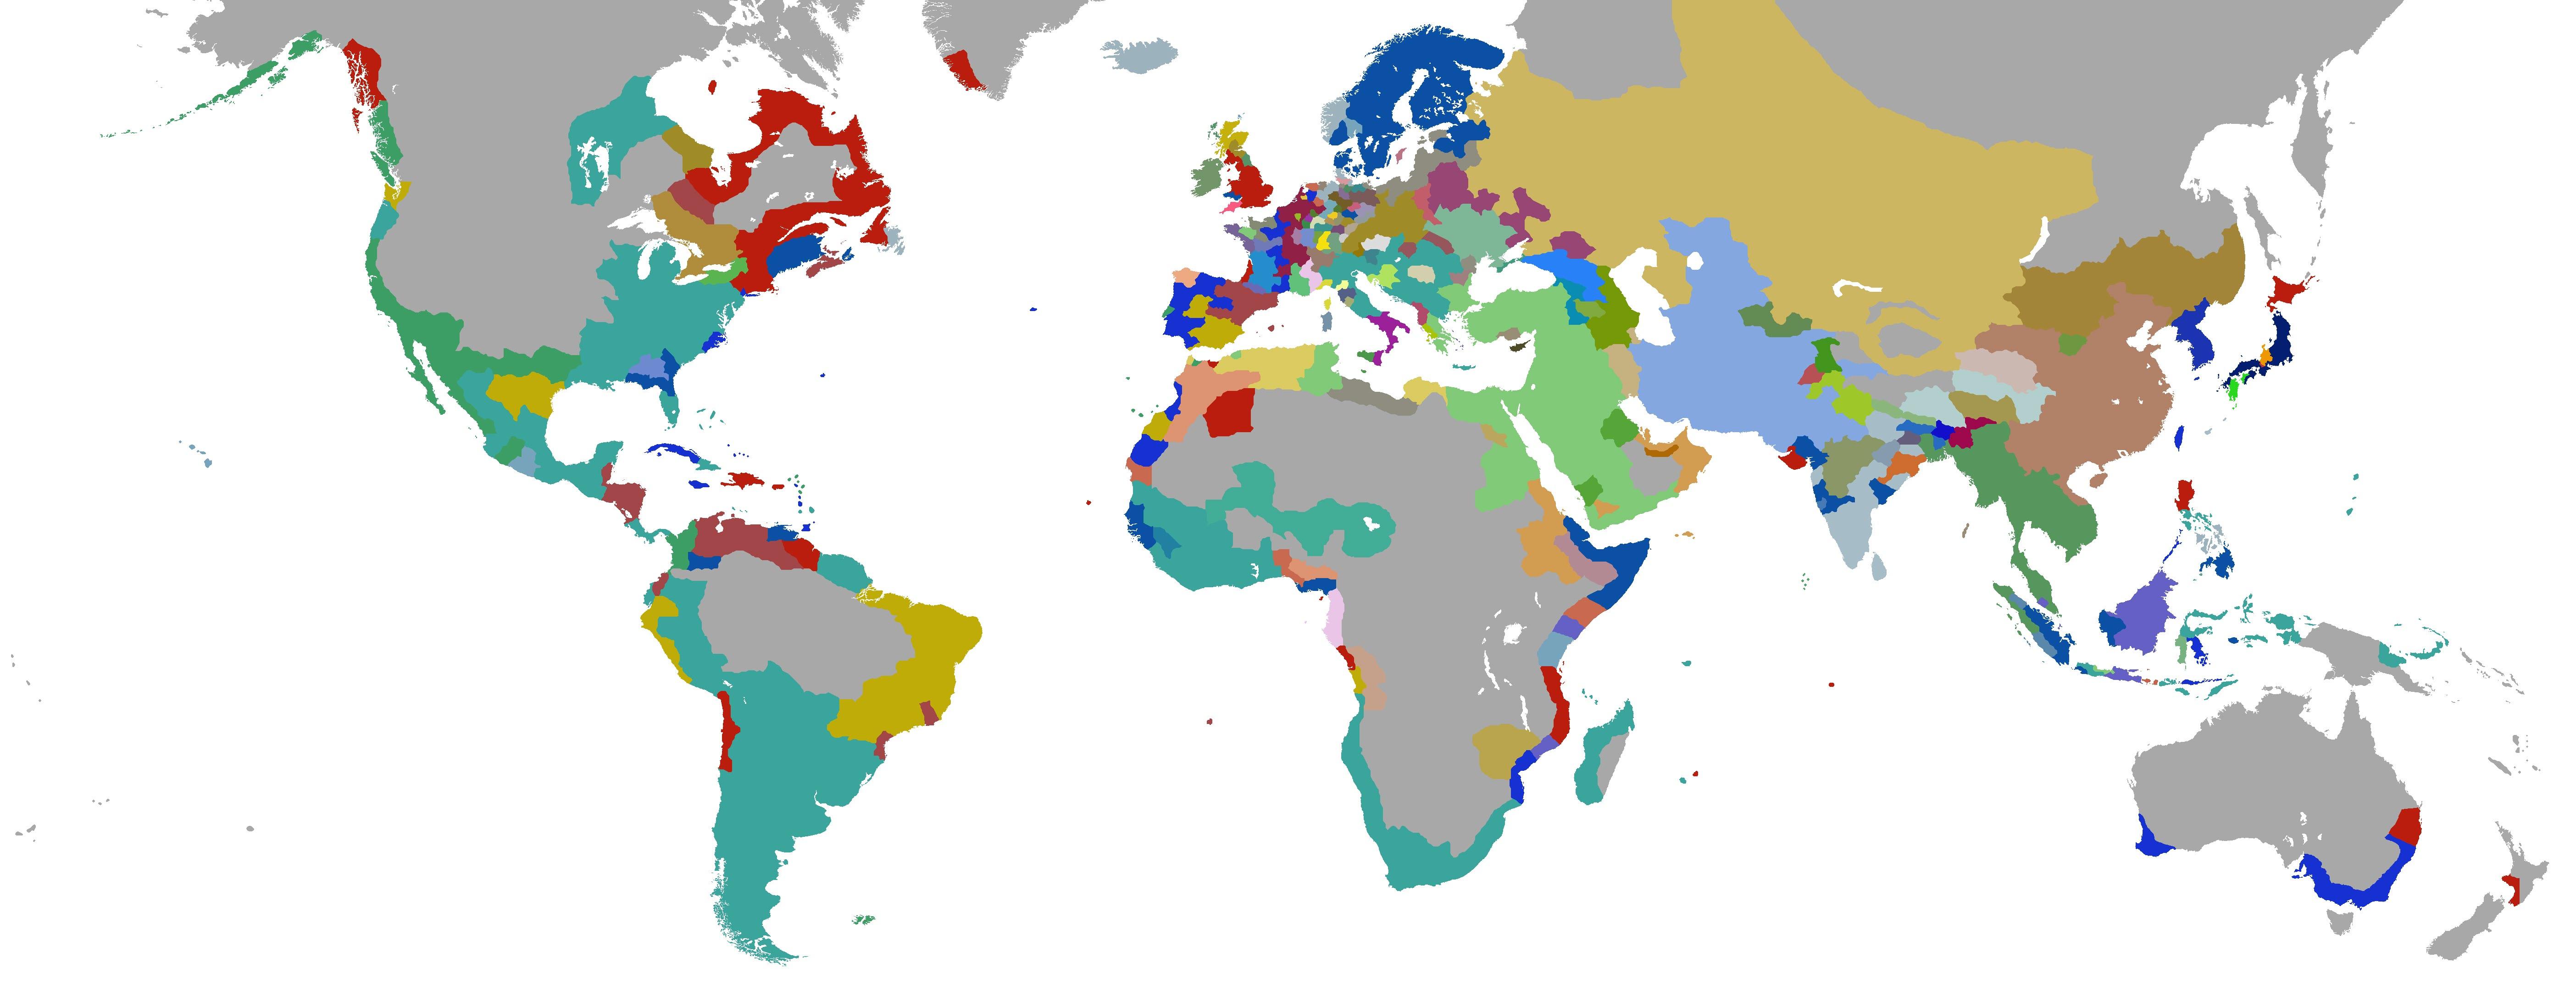 EU3_MAP_VEN_1671.9.11_3.jpg